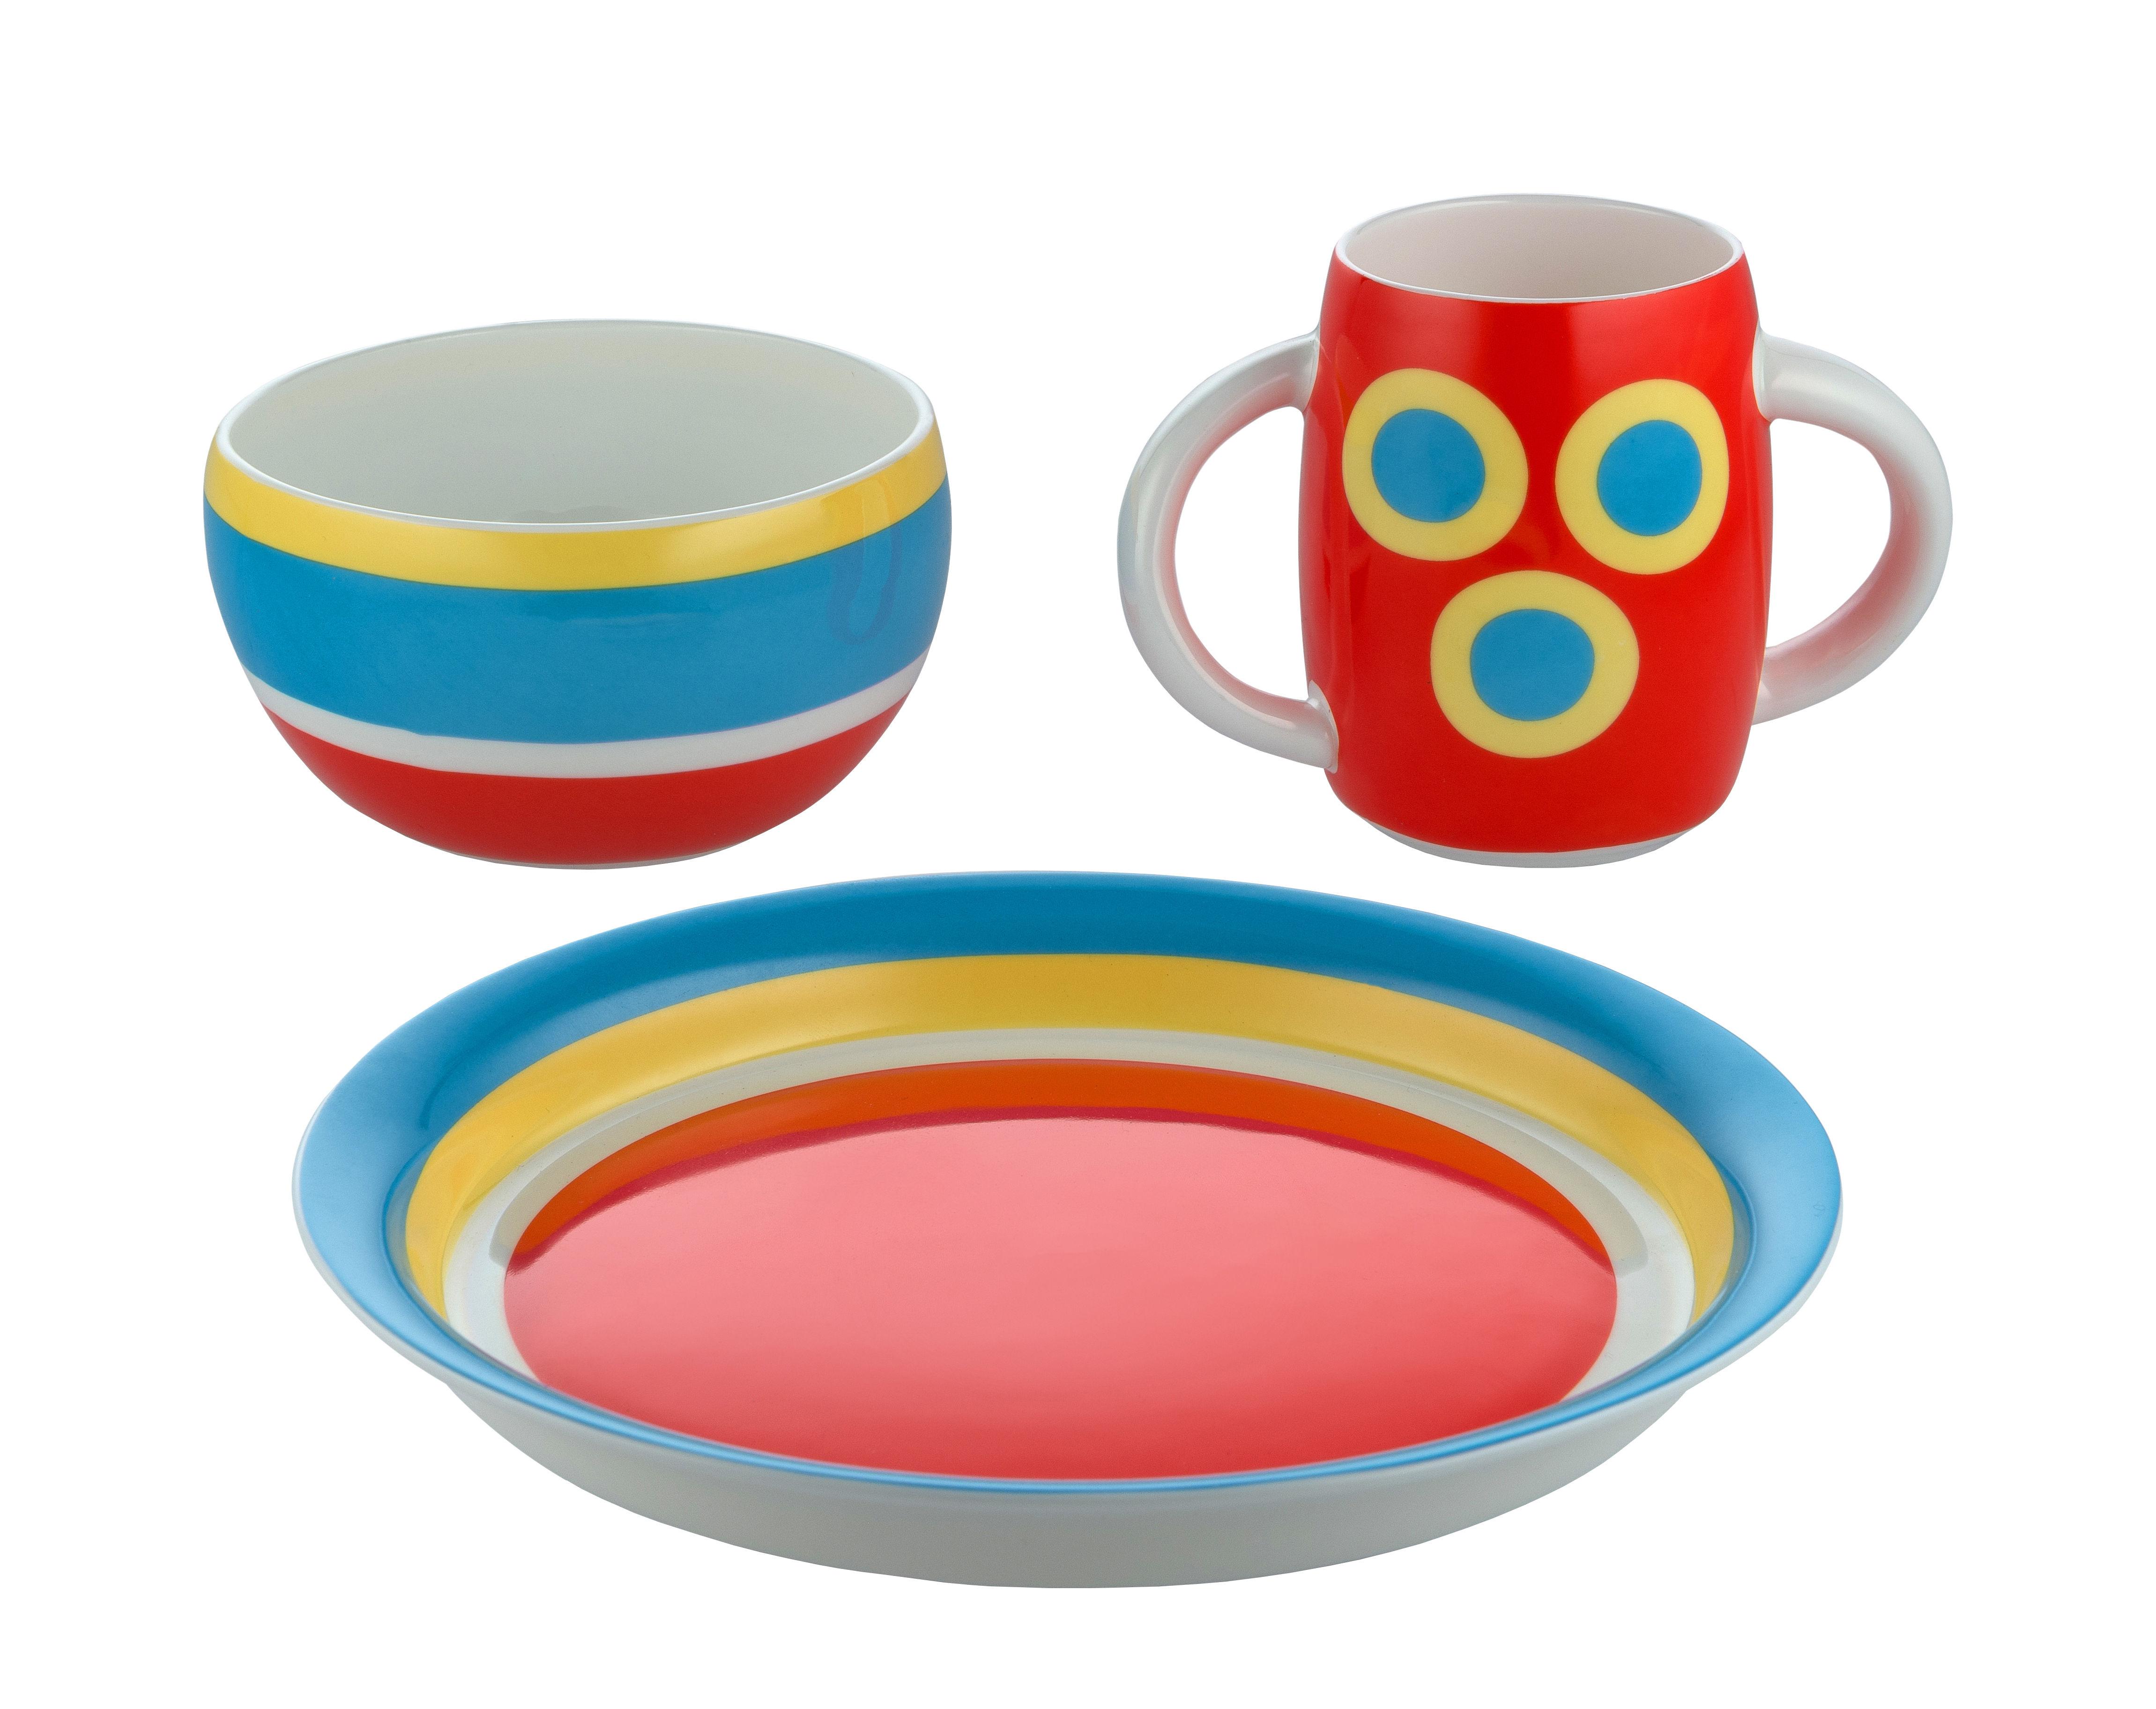 Déco - Pour les enfants - Set vaisselle enfant Con-centrici - Alessi - Con-centrici / Multicolore - Porcelaine